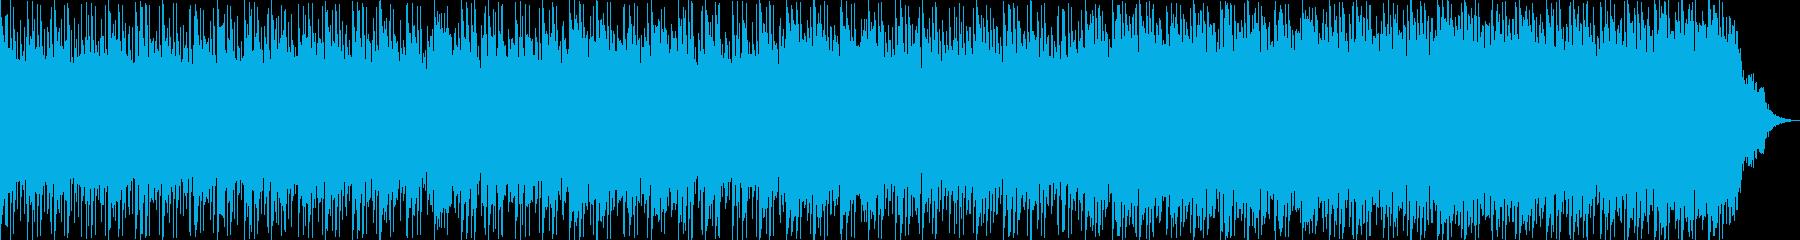 Inspiring Anthemの再生済みの波形